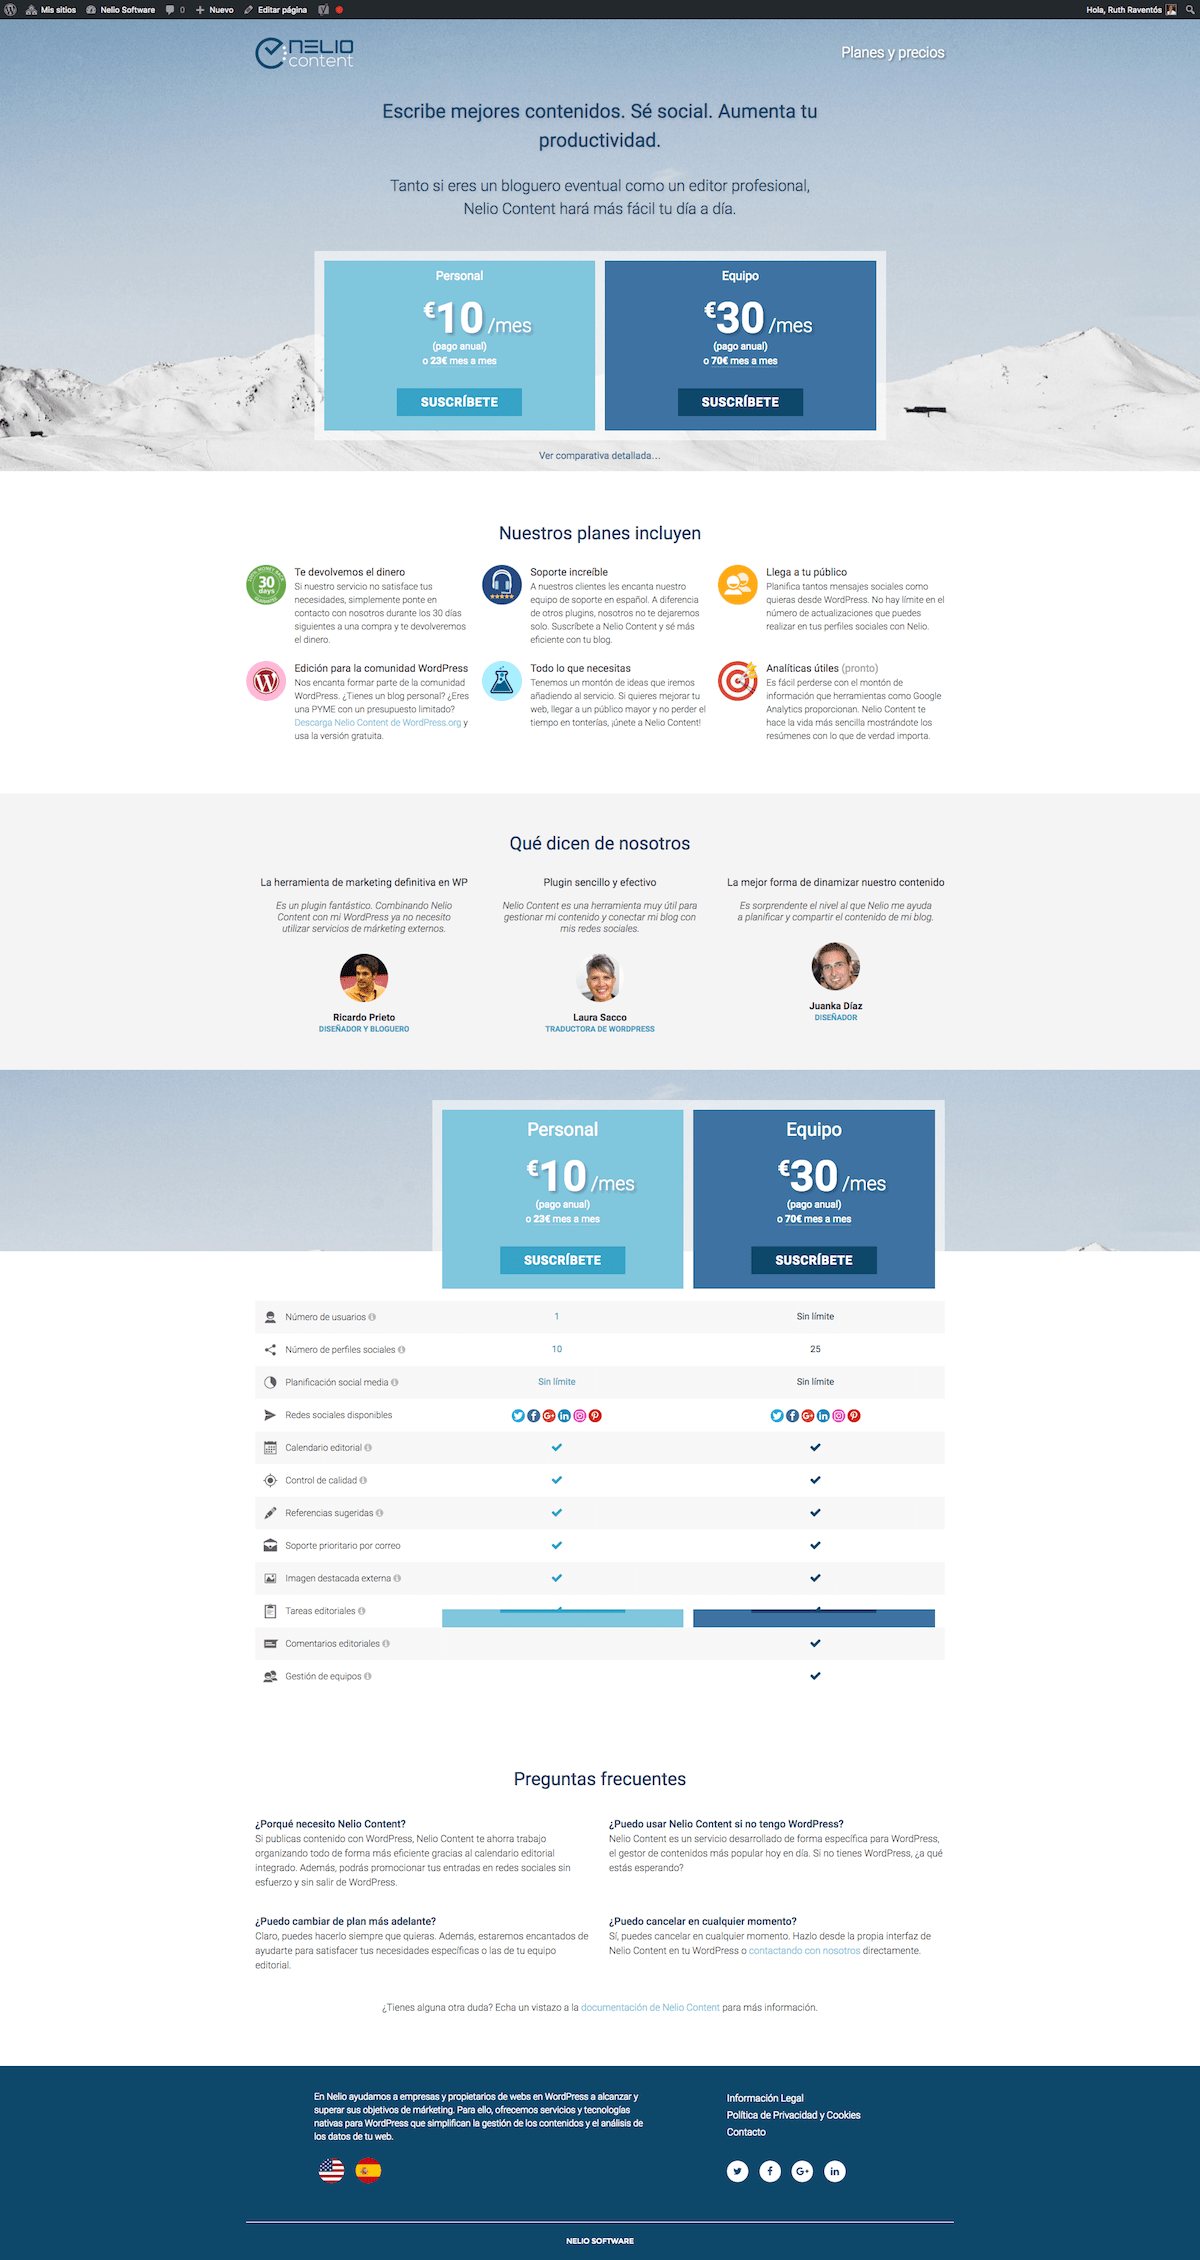 Captura de pantalla de pagina de Planes y precios de Nelio Content